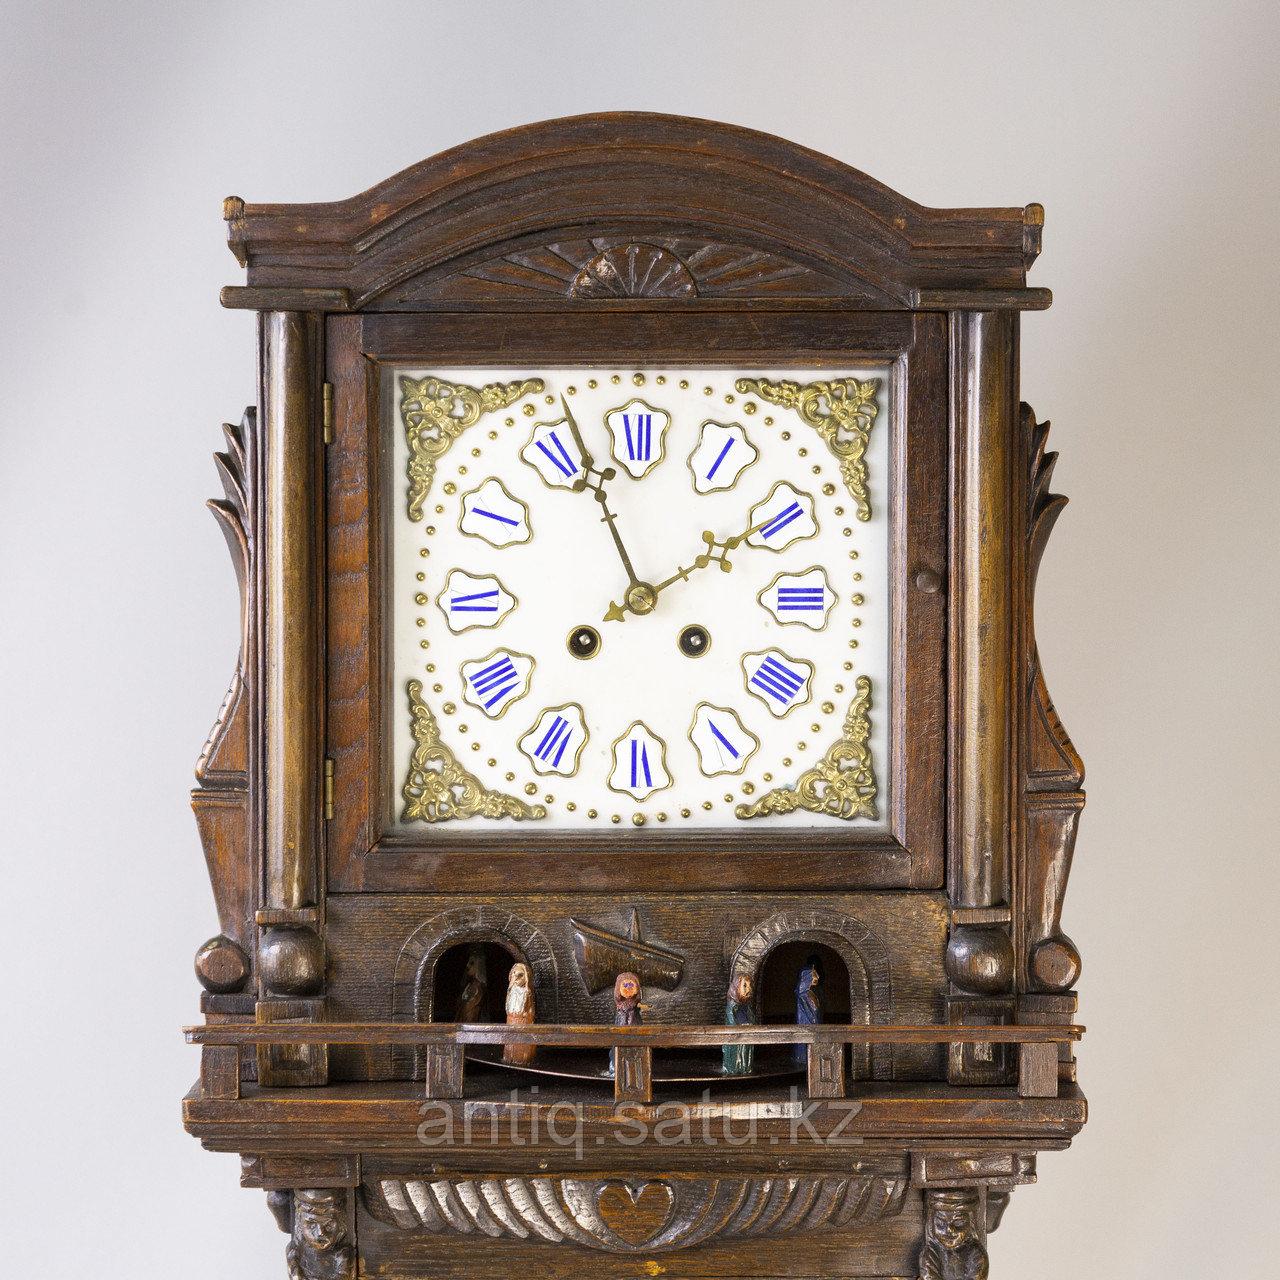 Напольные часы с каруселью. - фото 3